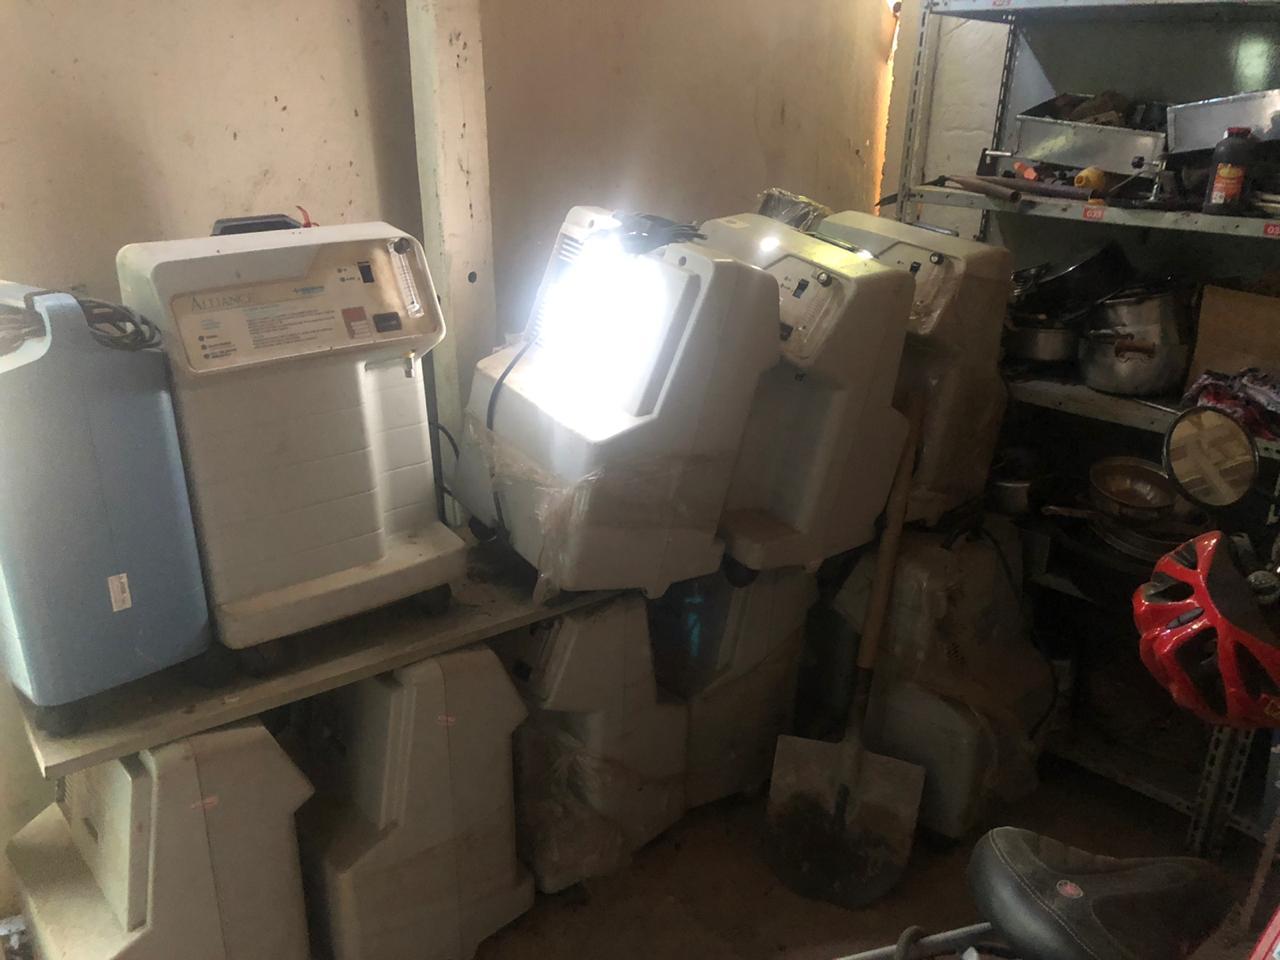 Equipamentos hospitalares furtados são recuperados em Aparecida